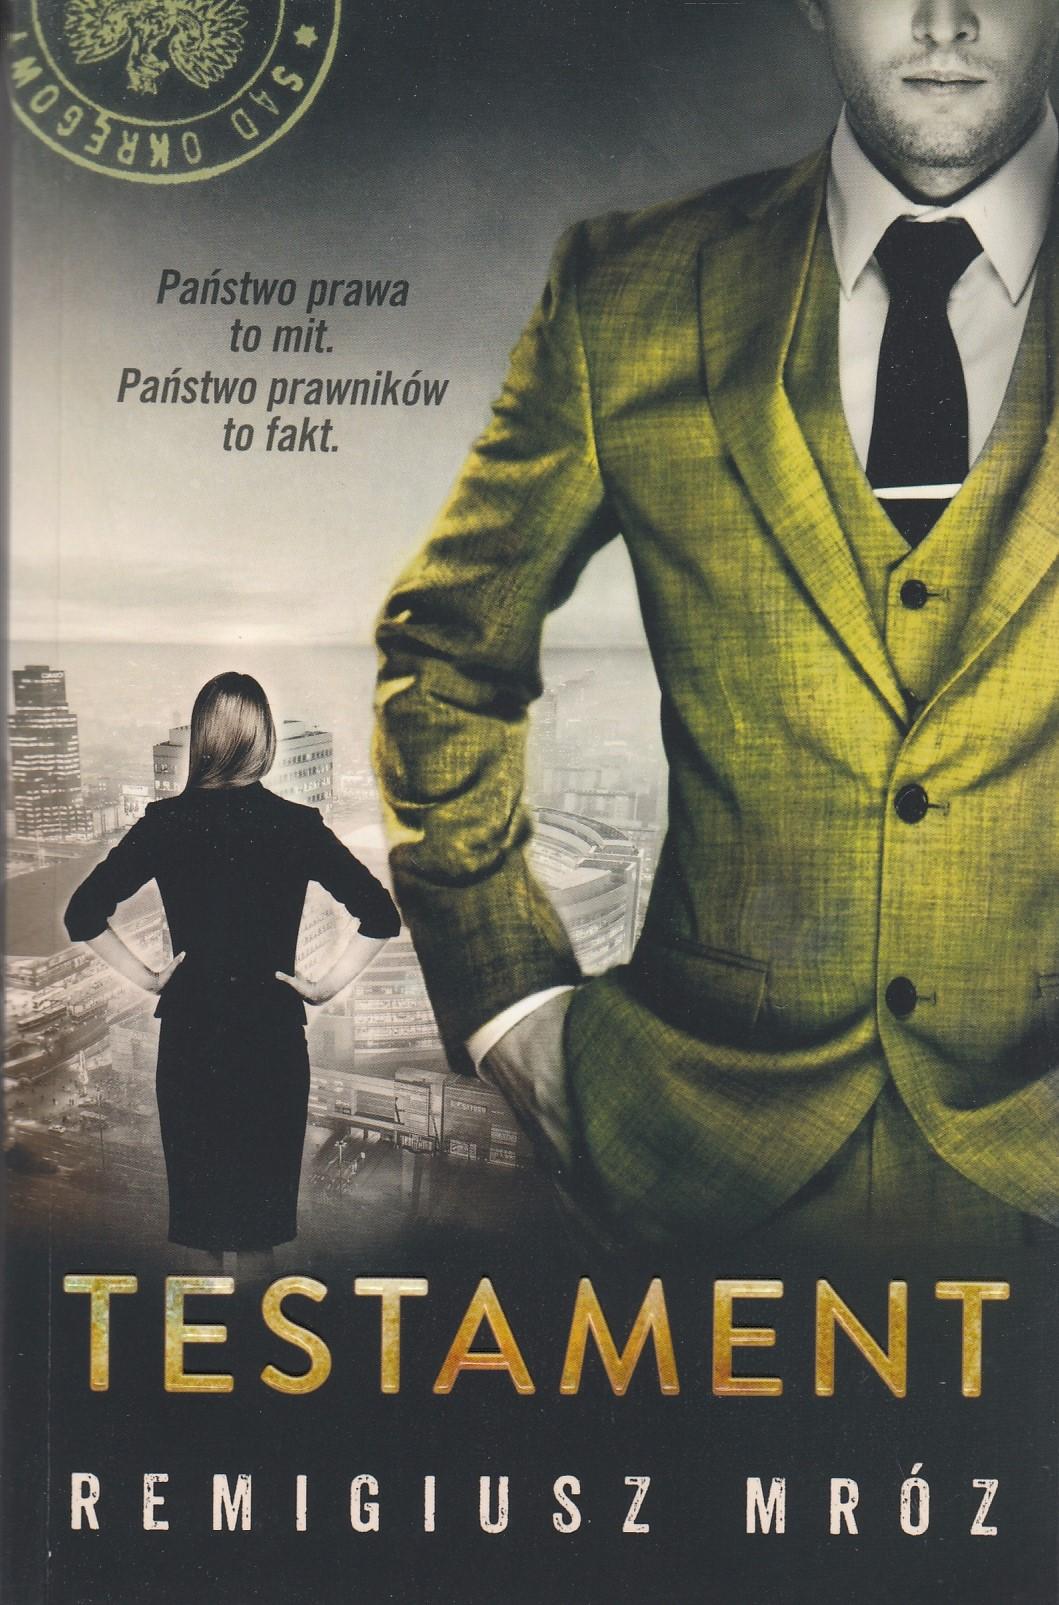 MRÓZ REMIGIUSZ – Testament